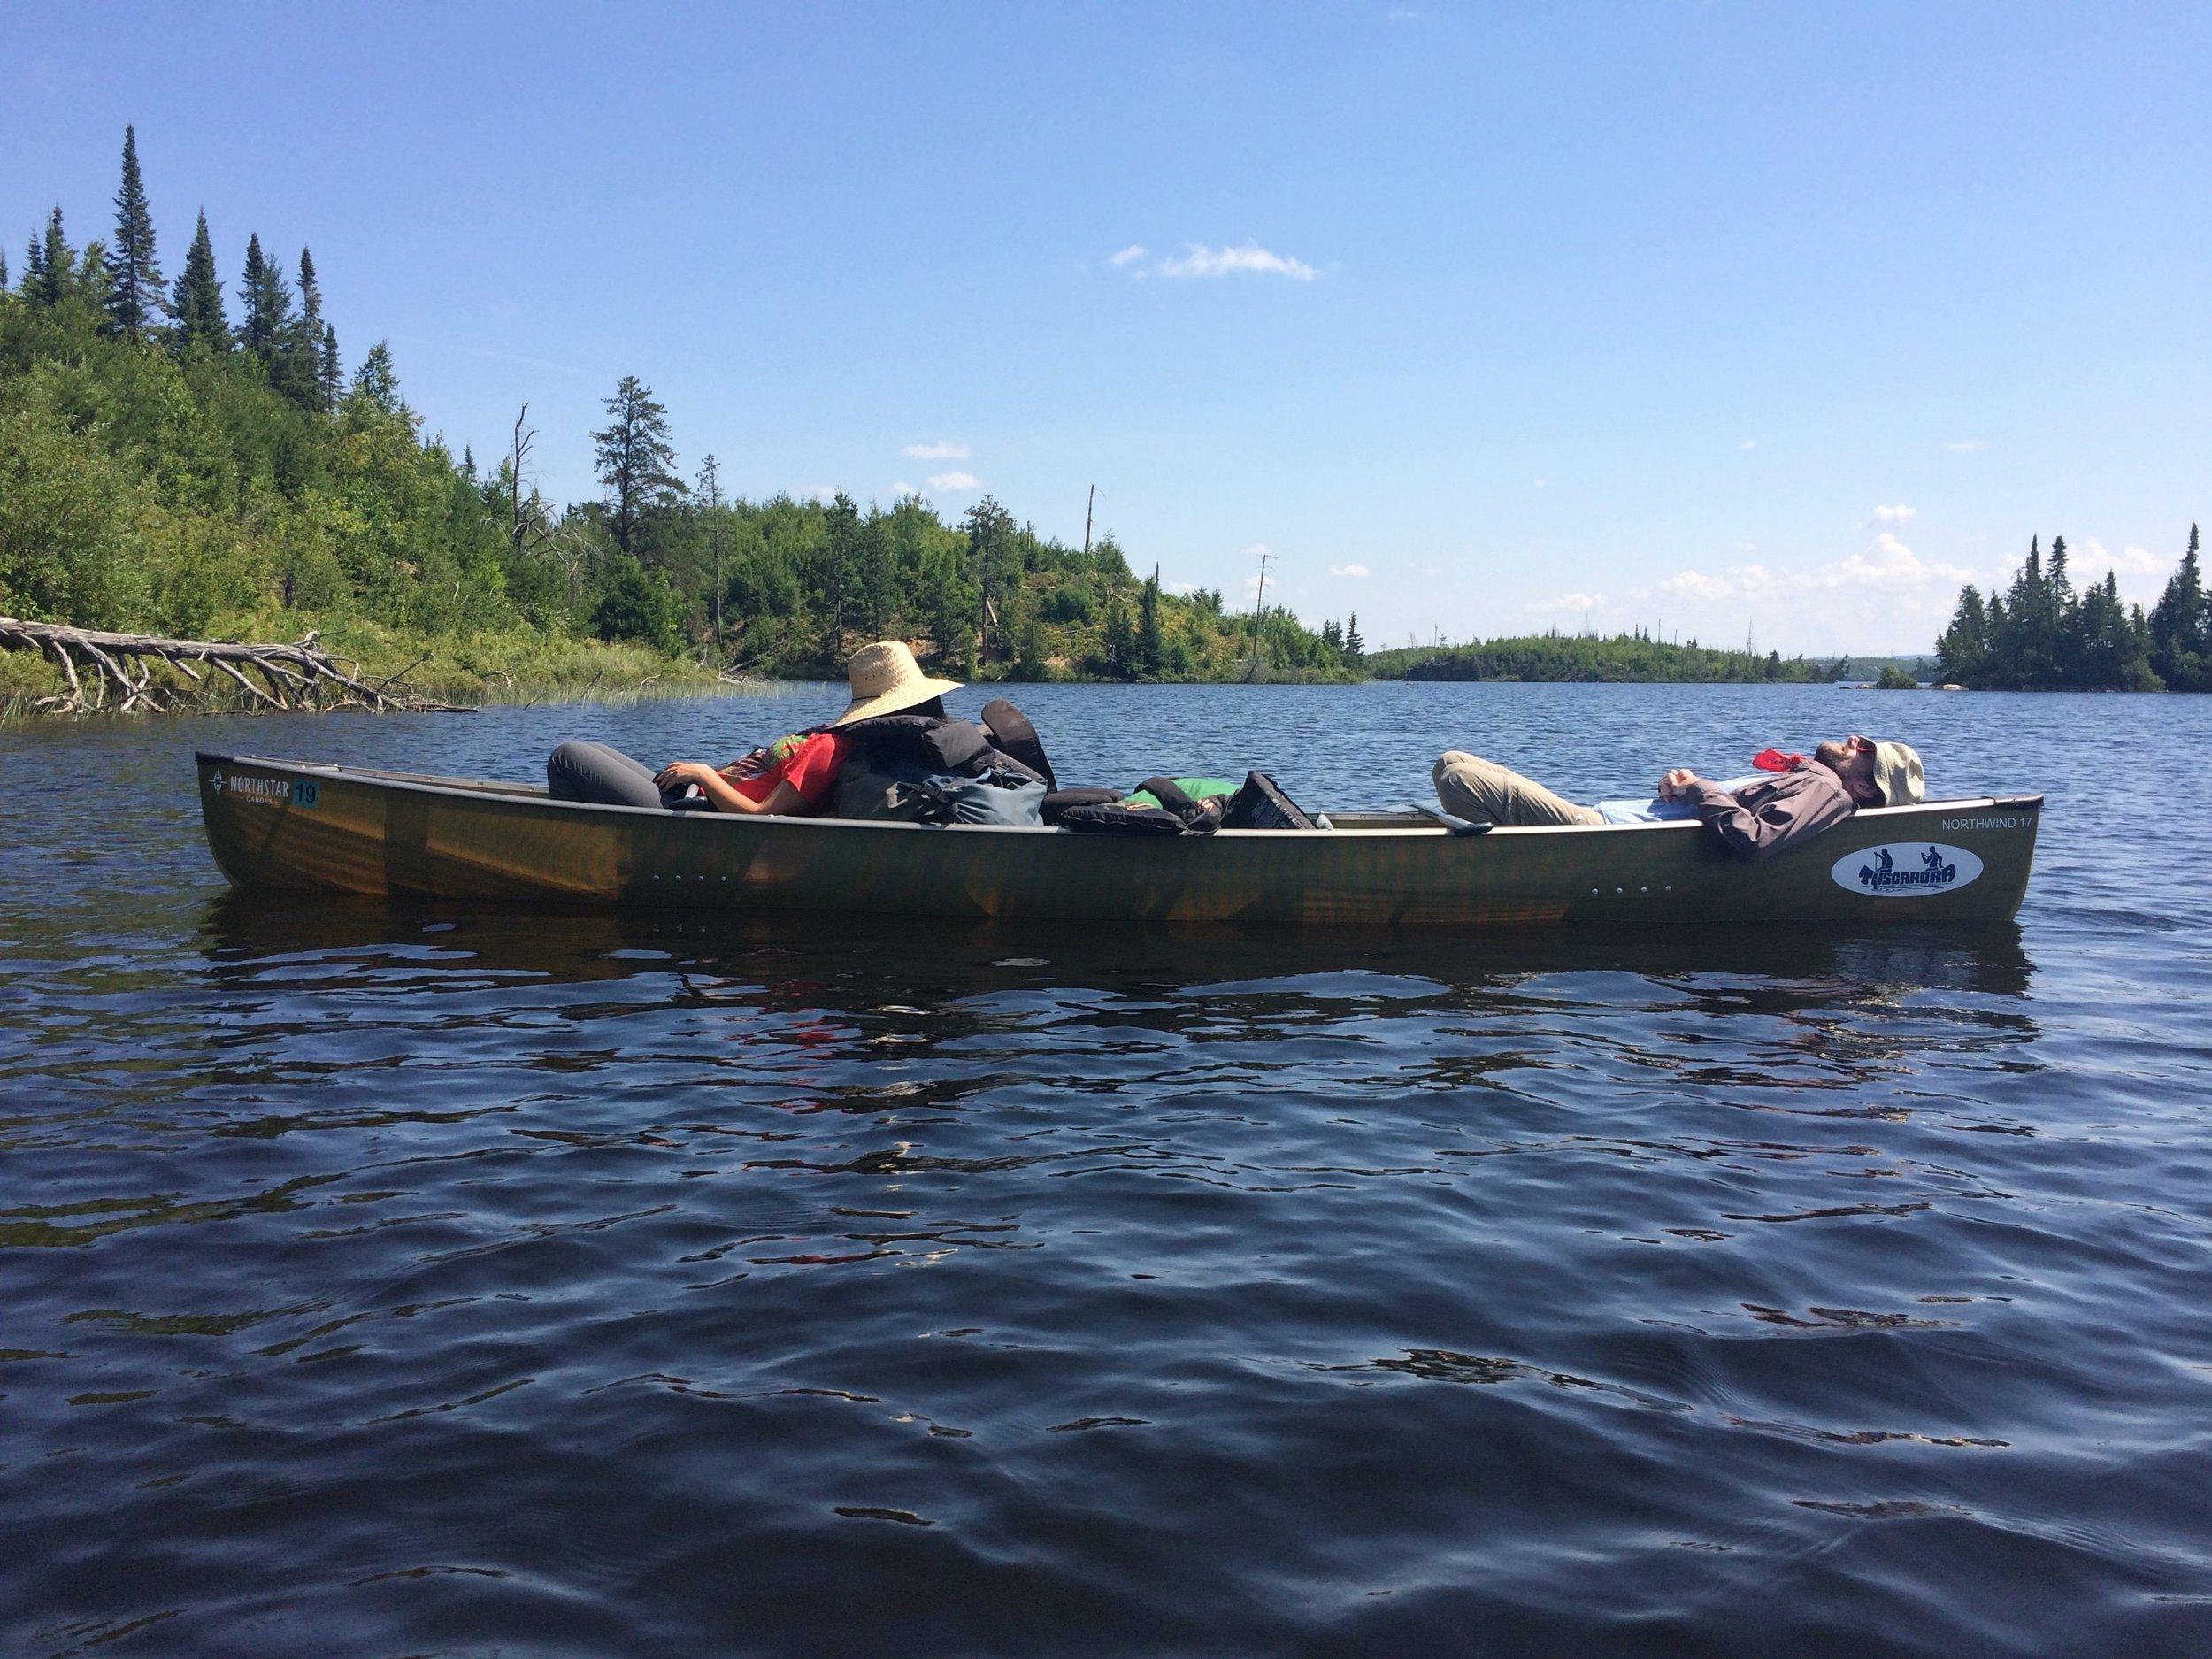 Canoe sleeping